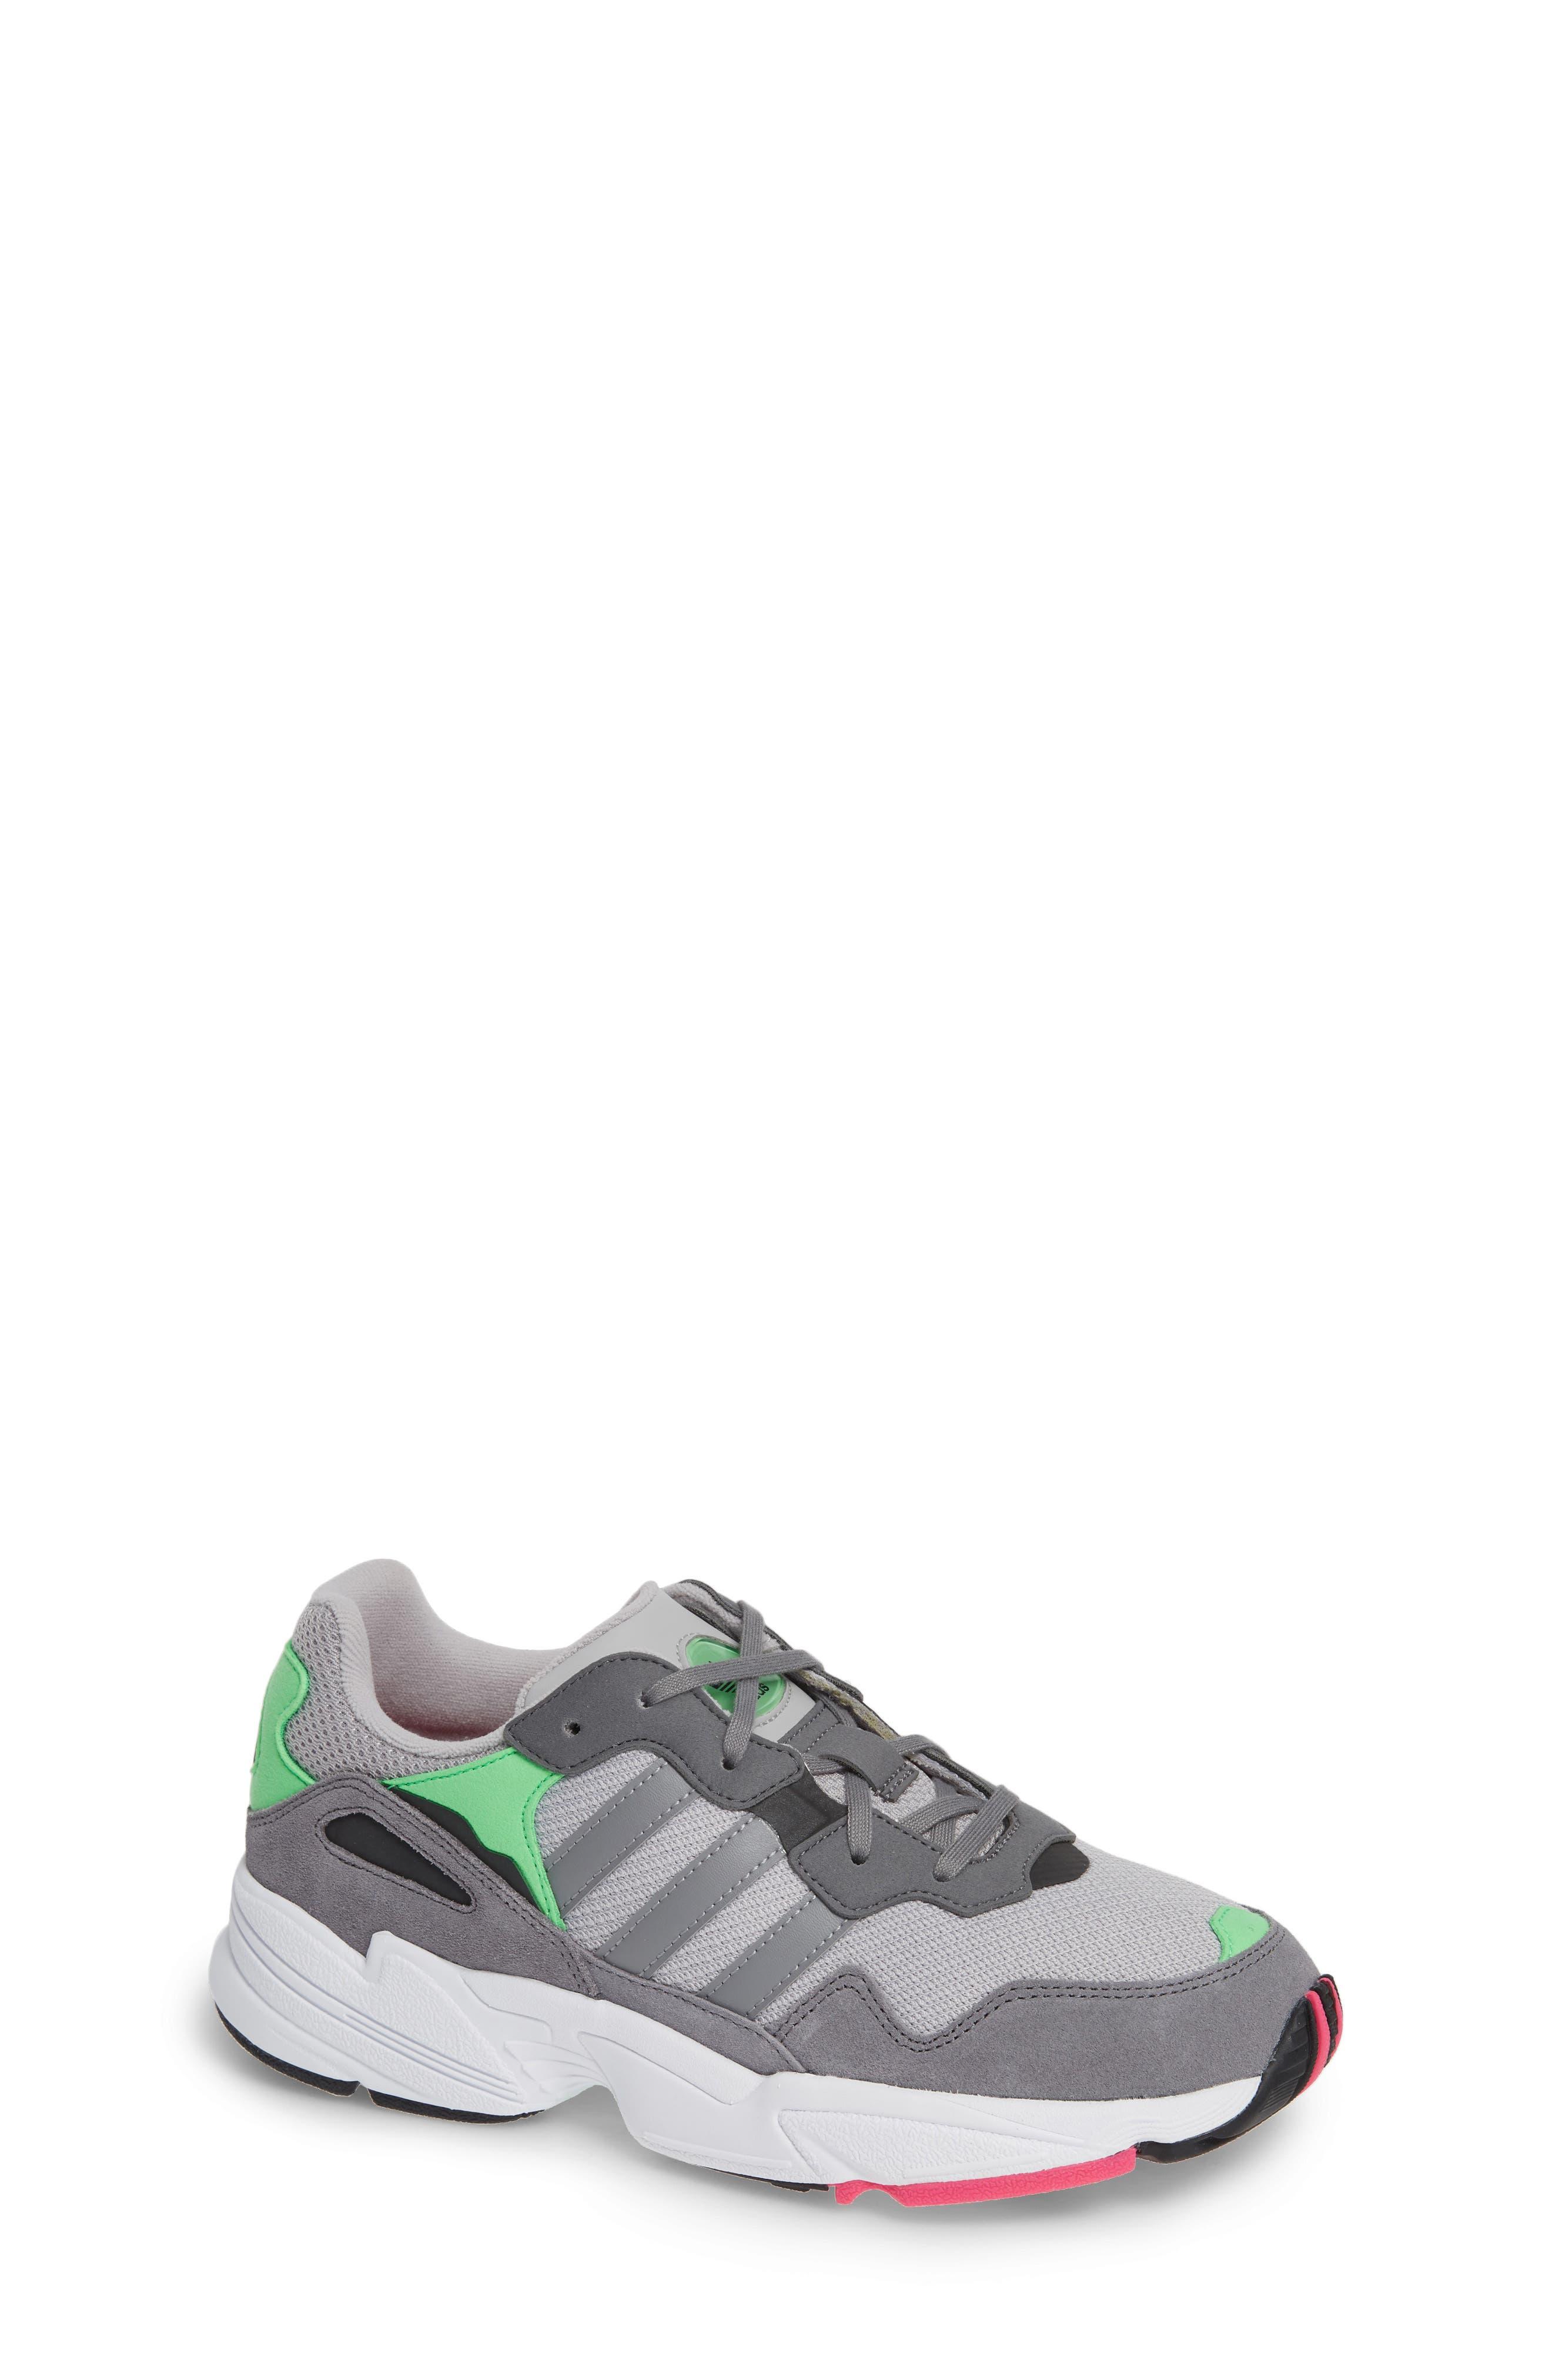 Toddler Adidas Yung96 Sneaker Size 10 M  Grey